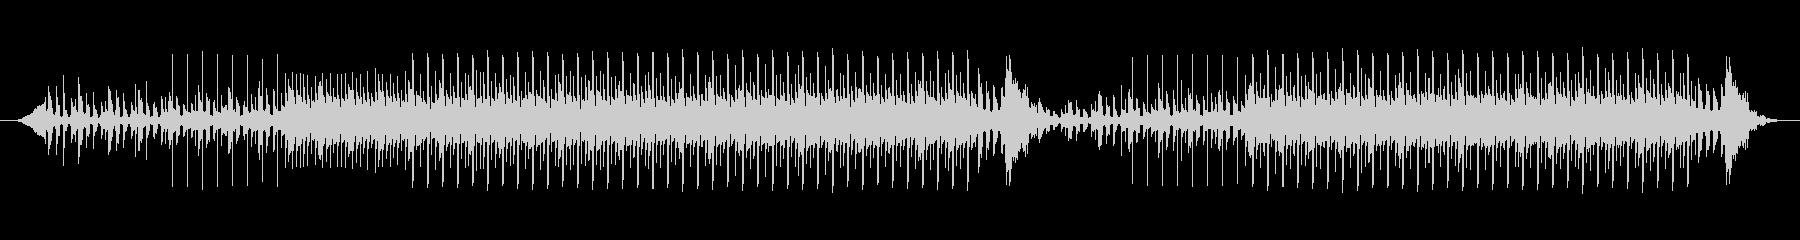 ほのぼのした、かわいい四つ打ちエレクトロの未再生の波形